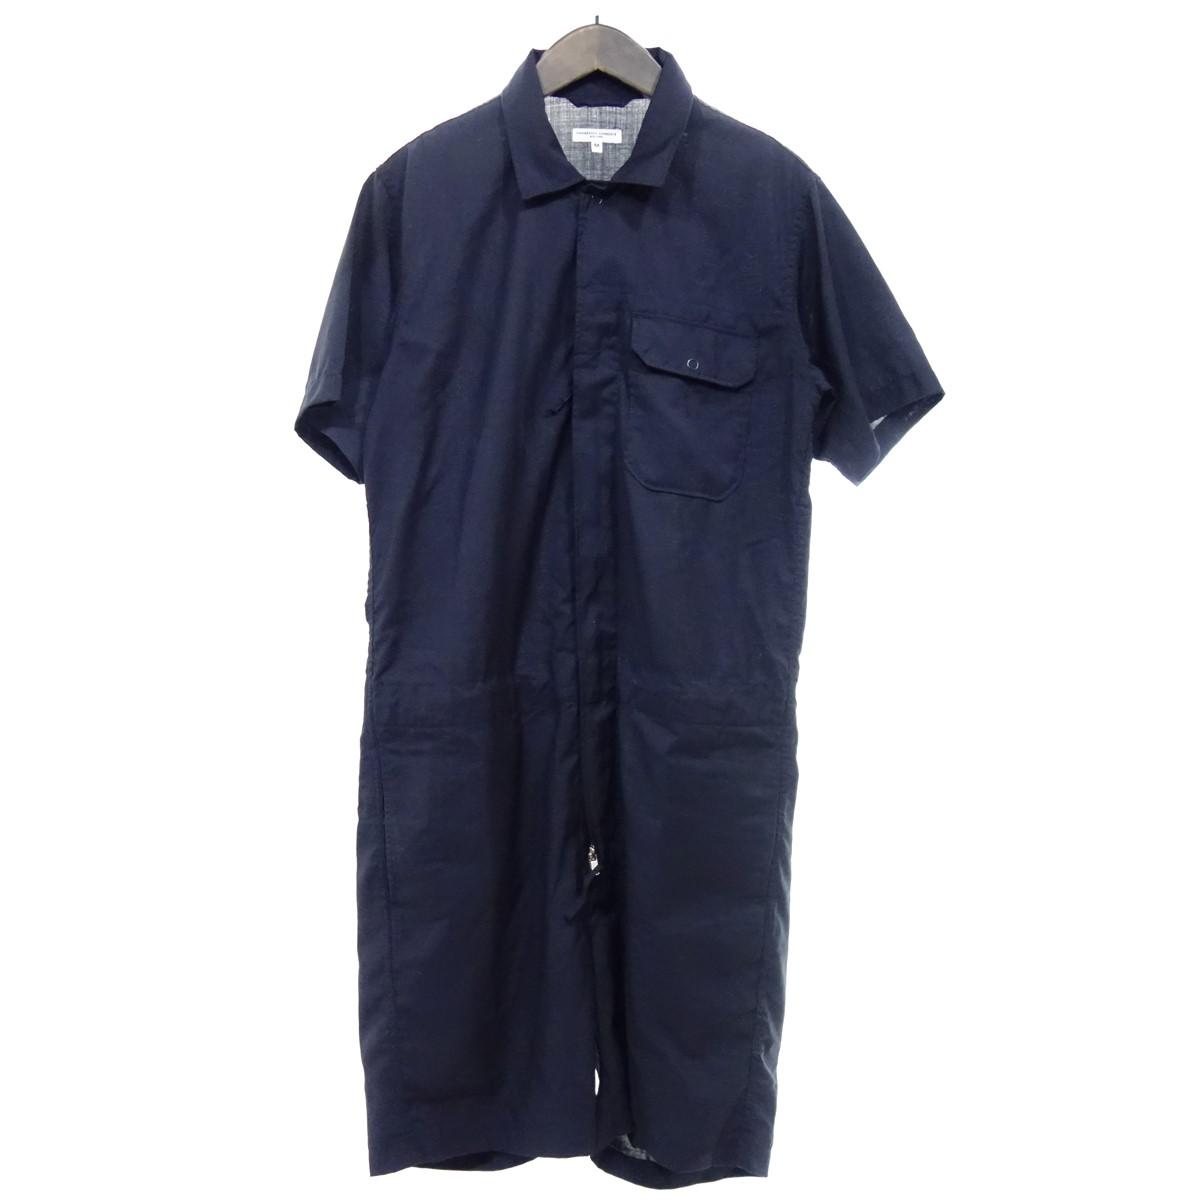 【中古】Engineered Garments オールインワン ネイビー サイズ:M 【090420】(エンジニアードガーメンツ)